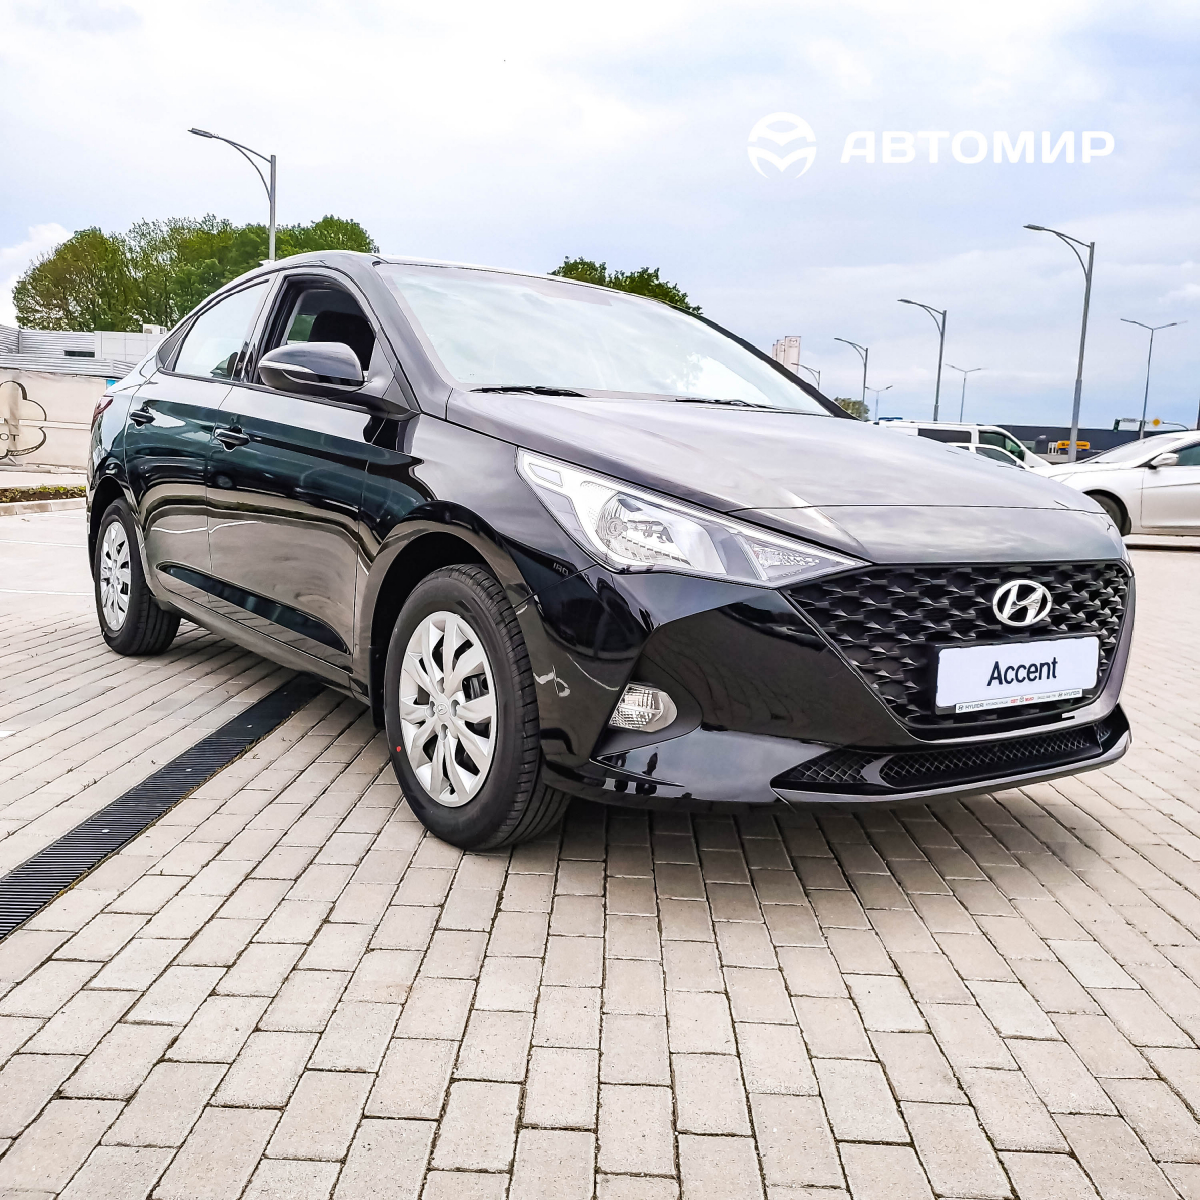 Hyundai стильний Accent вже в автосалоні! | Хюндай Мотор Україна - фото 11